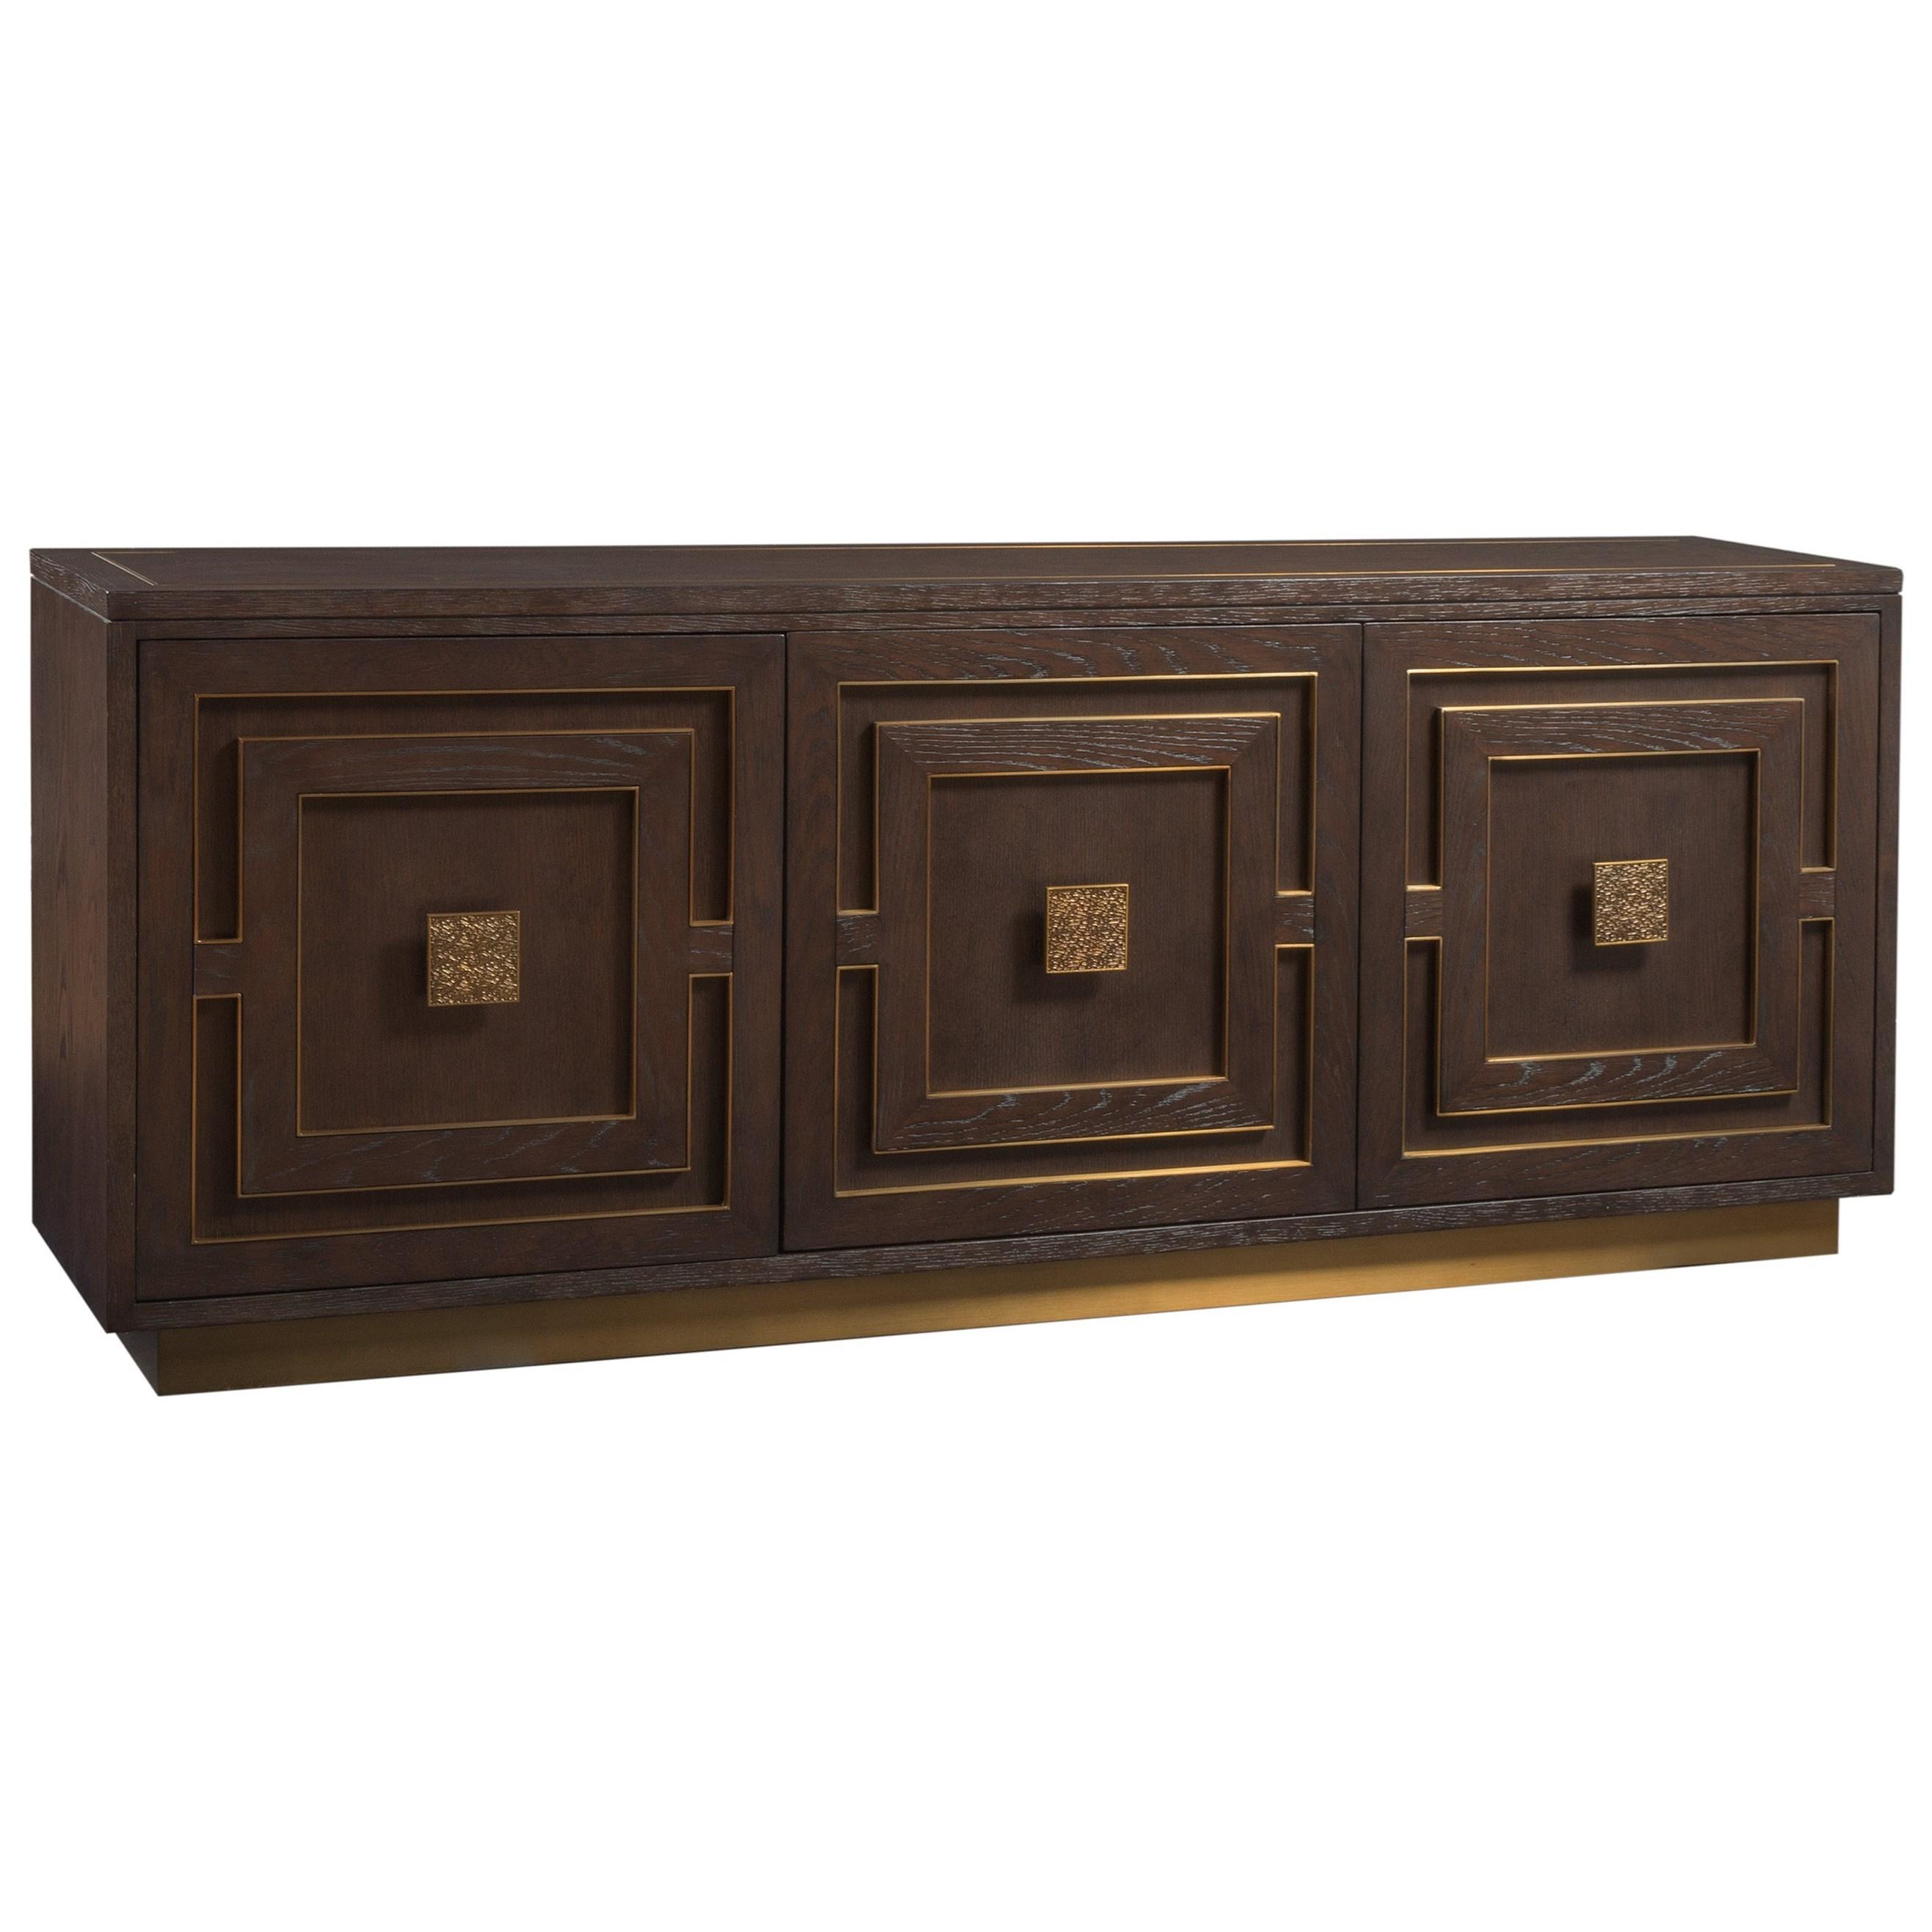 Verbatim Media Console by Artistica at Baer's Furniture